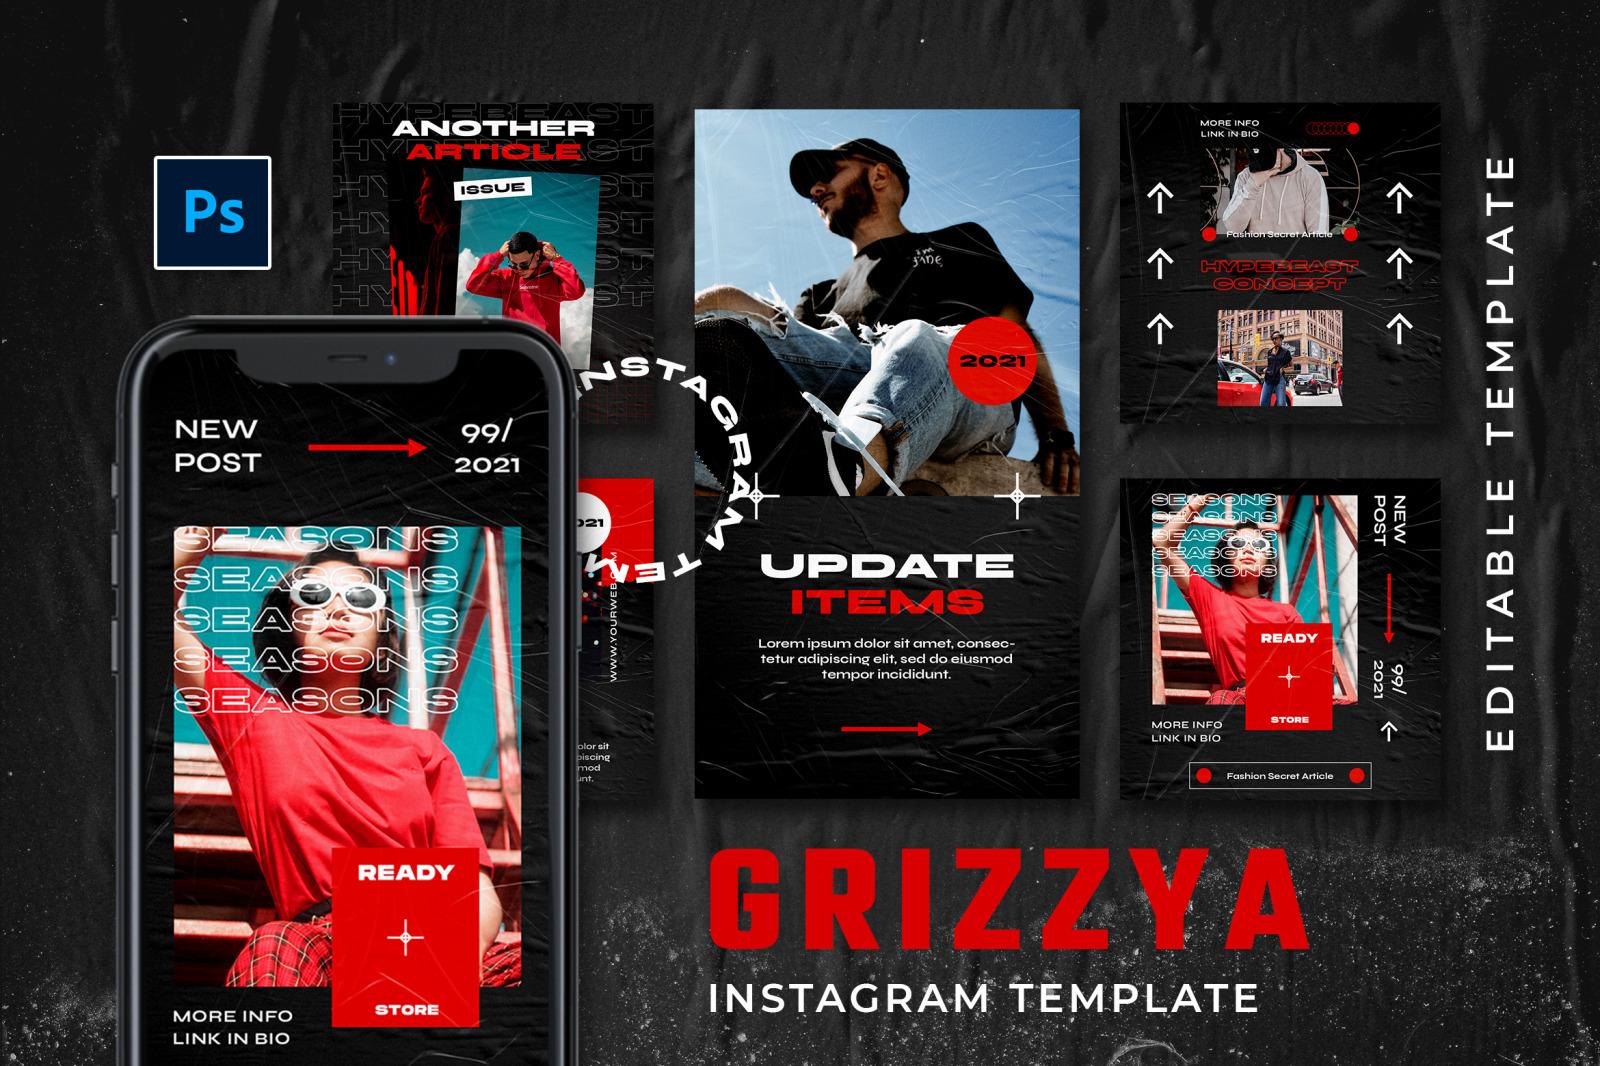 Grizzya Instagram Template